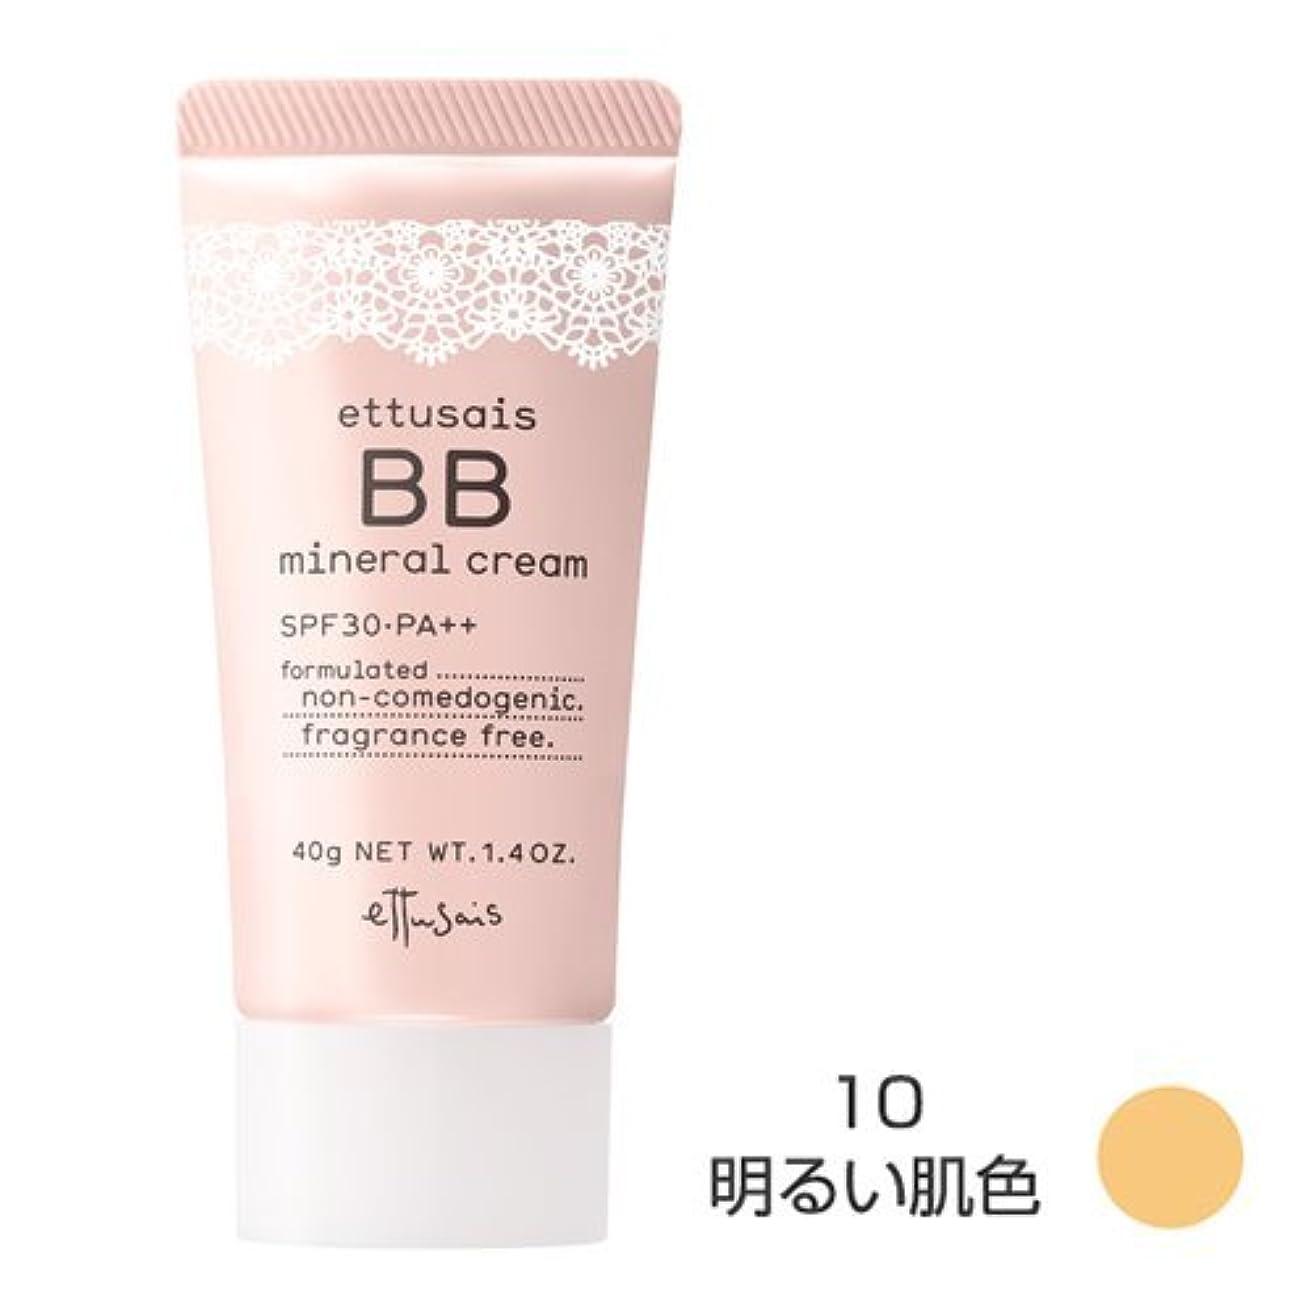 サイクロプスキャンドルナチュラルエテュセ BBミネラルクリーム 10(明るい肌色) SPF30?PA++ 40g